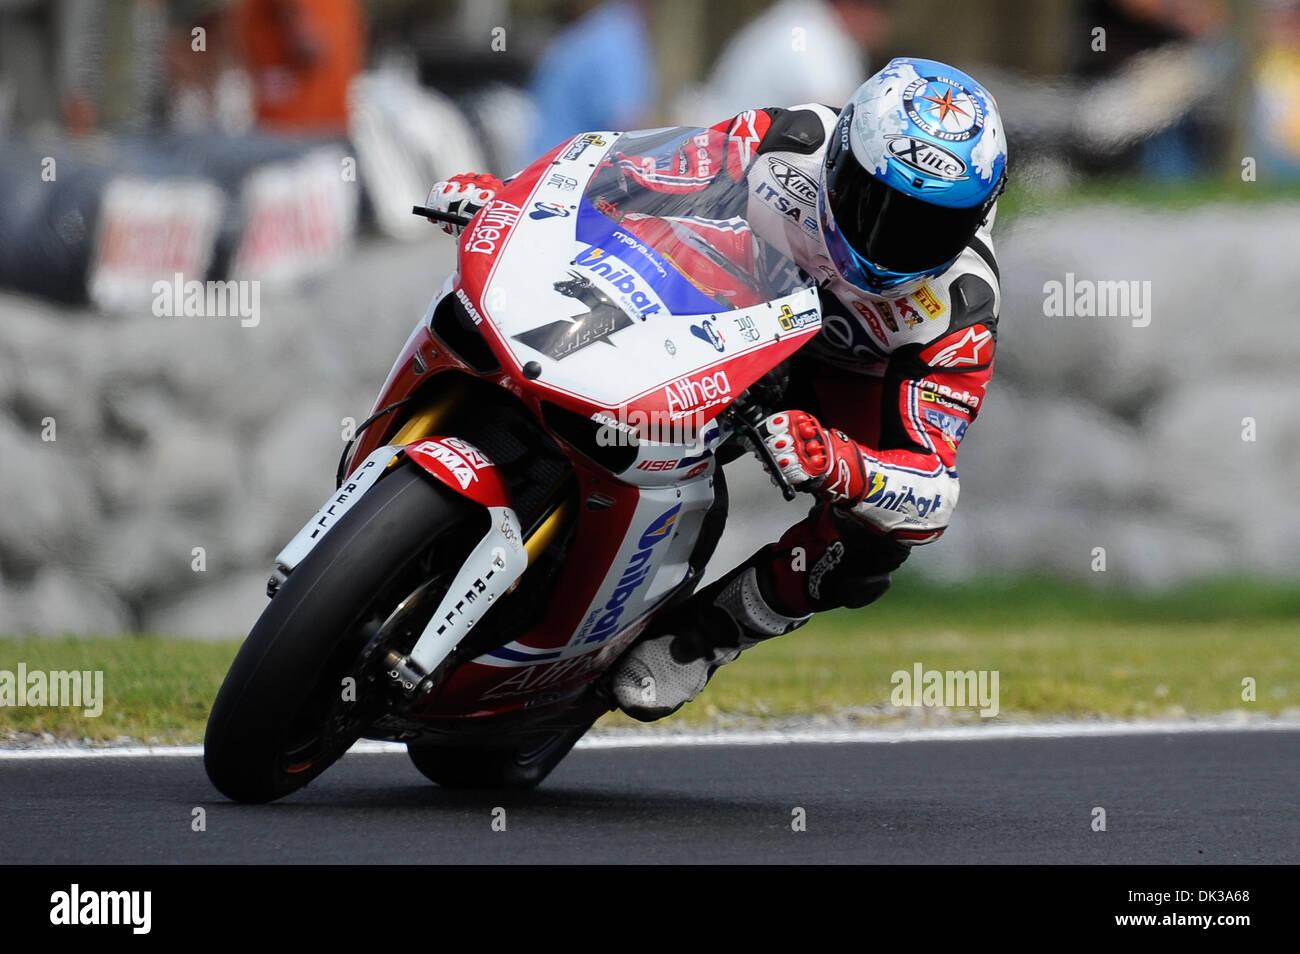 Feb. 26, 2011 - Phillip Island, Victoria, Australia - Carlos Checa (ESP) riding the Ducati 1098R (7) of the Althea Stock Photo